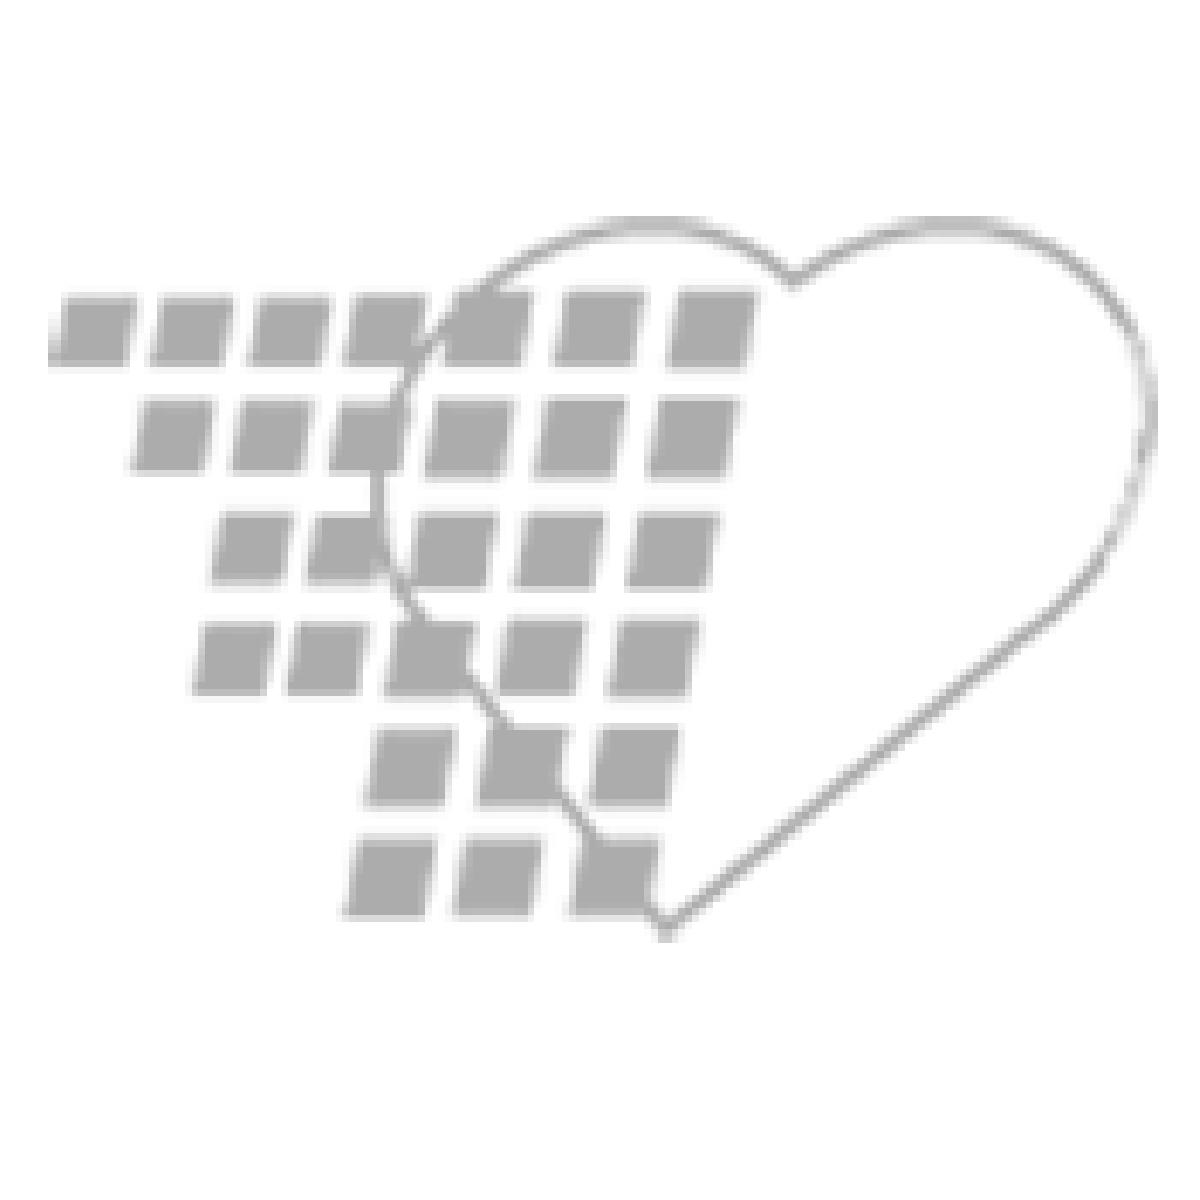 03-47-121 - Glove Dispenser 7 x 11 3/4 x 4 Inch - Beige